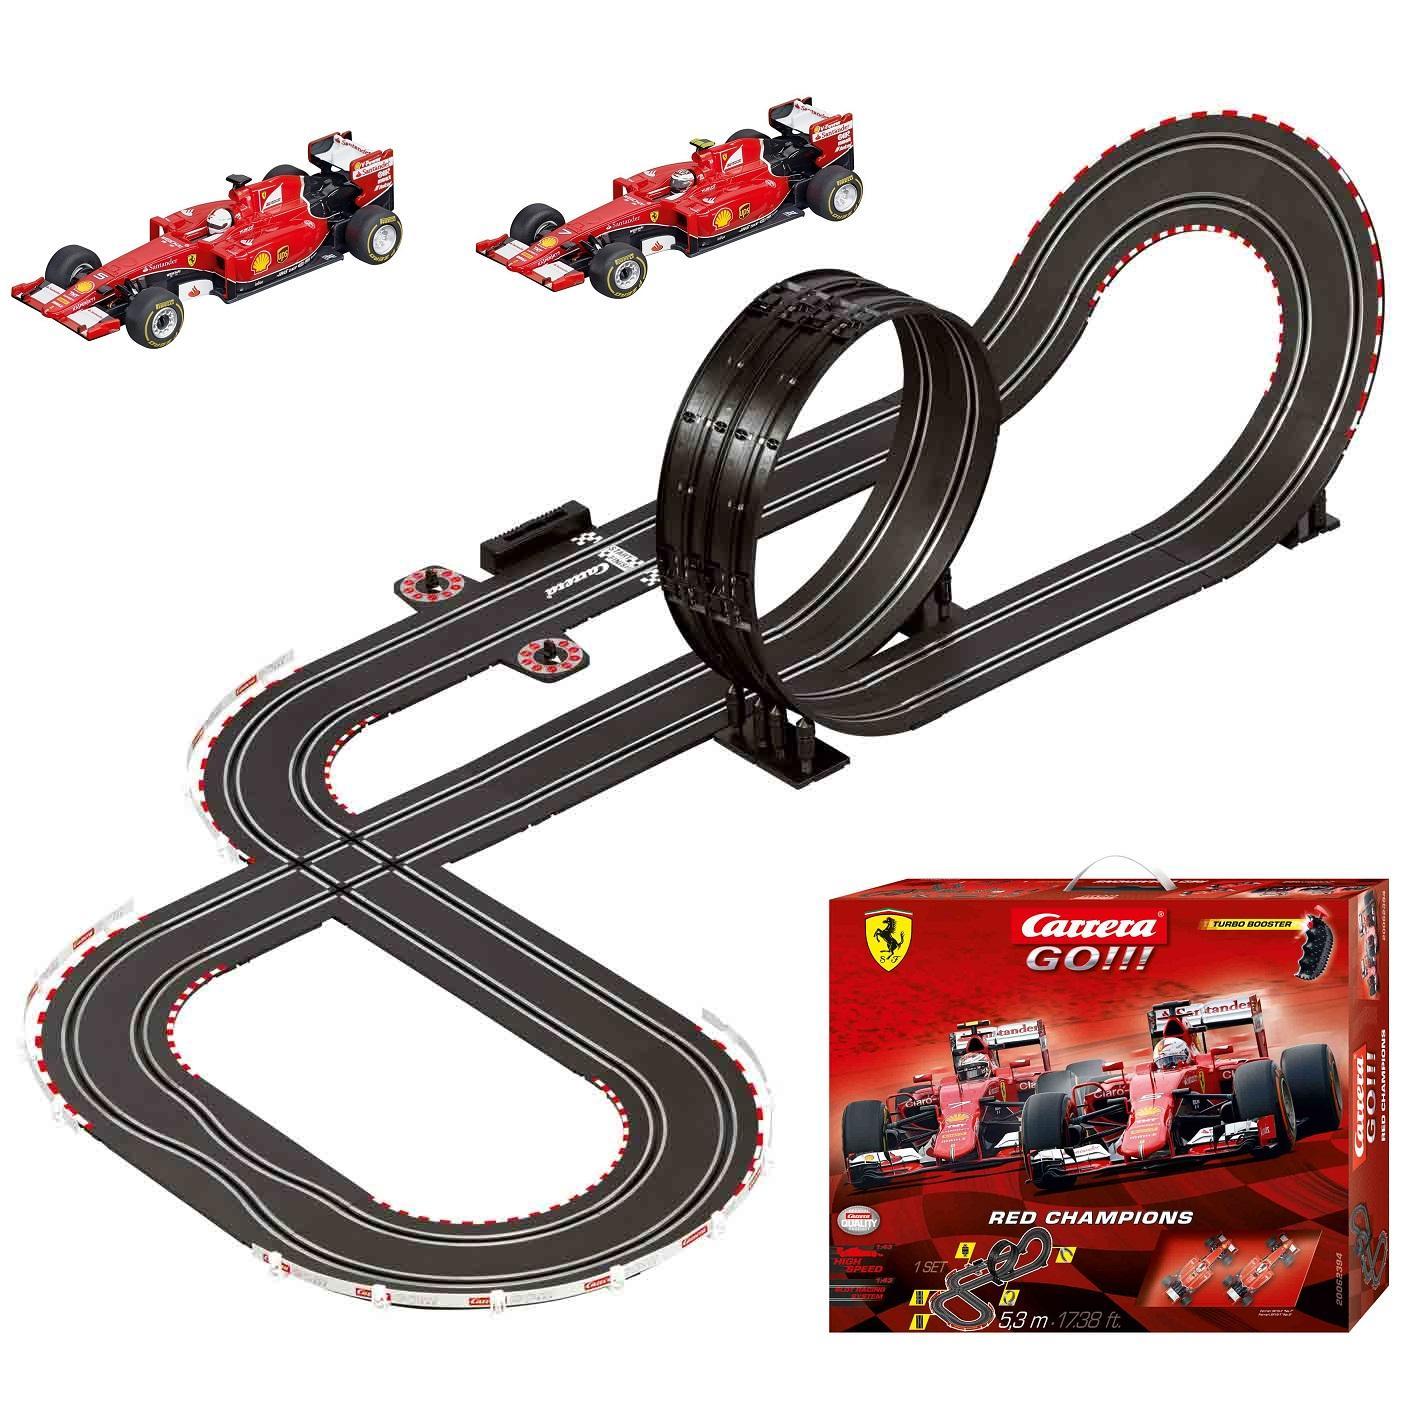 Amazon.com: Carrera GO!!! Ferrari Red Champions Slot Car